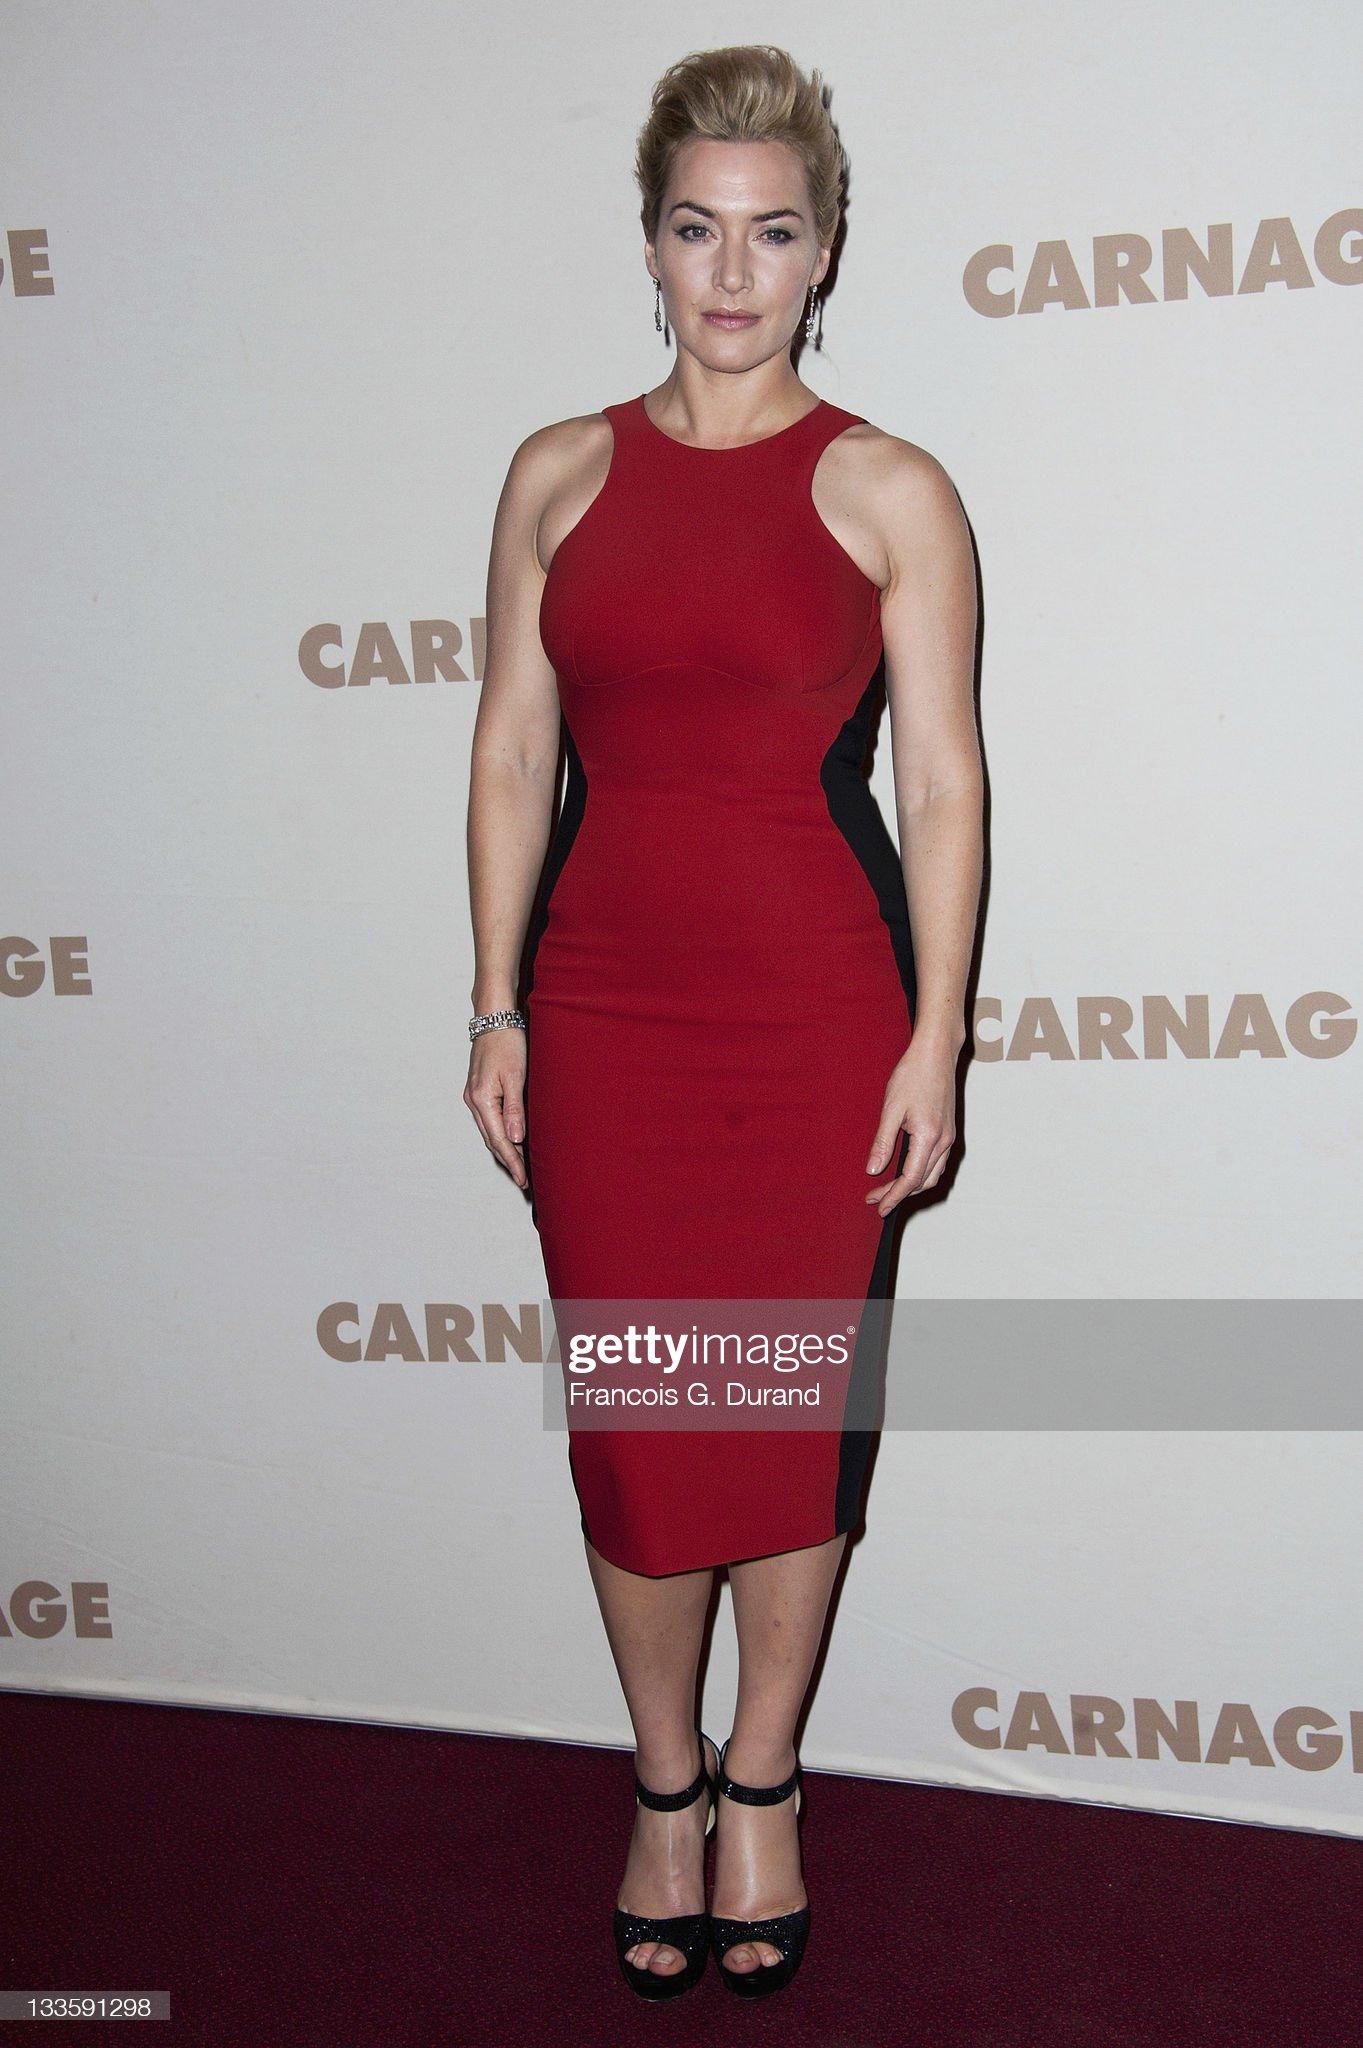 'Carnage' - Paris Premiere : News Photo